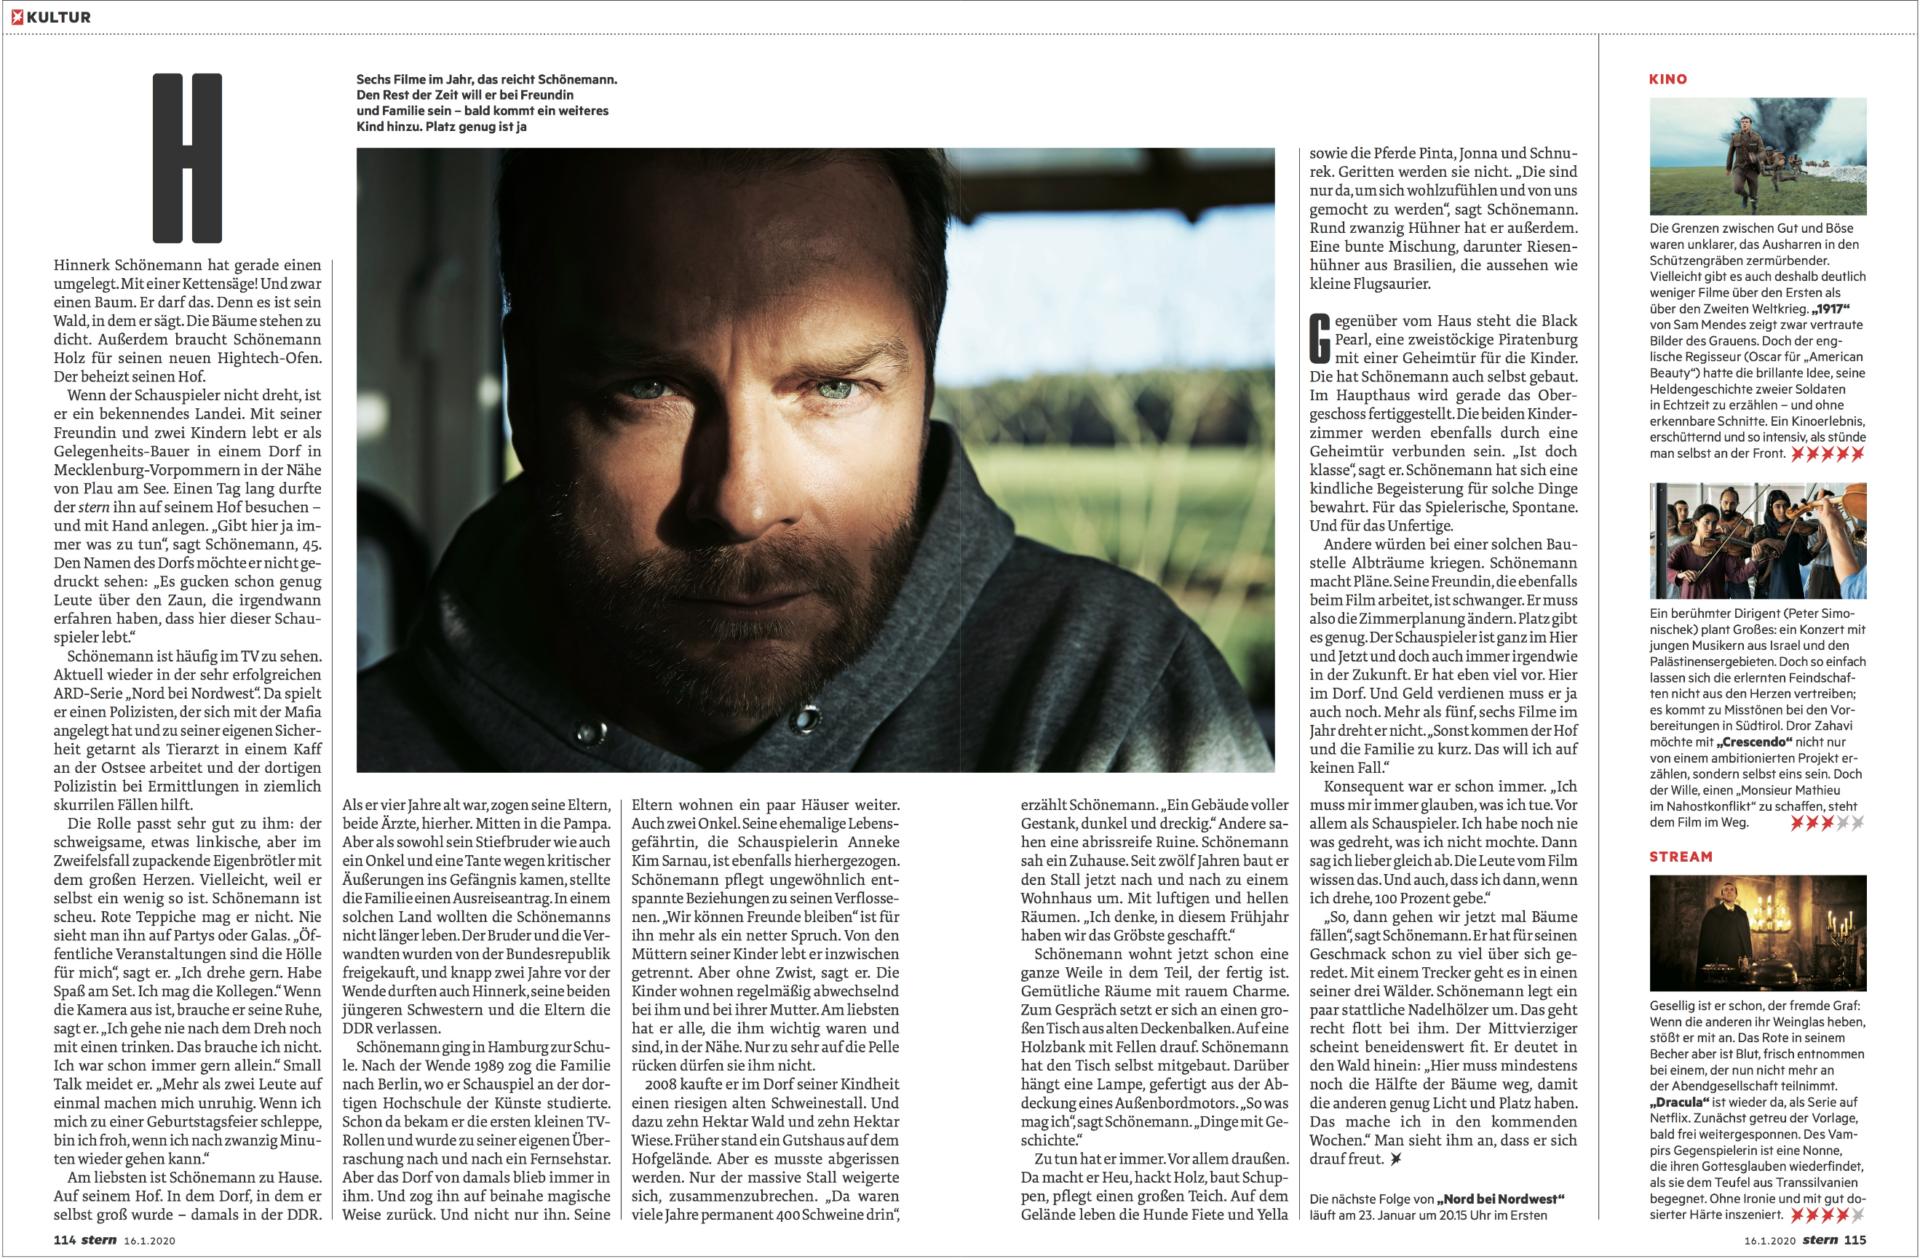 CAROLIN WINDEL Einen Tag mit Schauspieler Hinnerk Schönemann, STERN (more-click here)